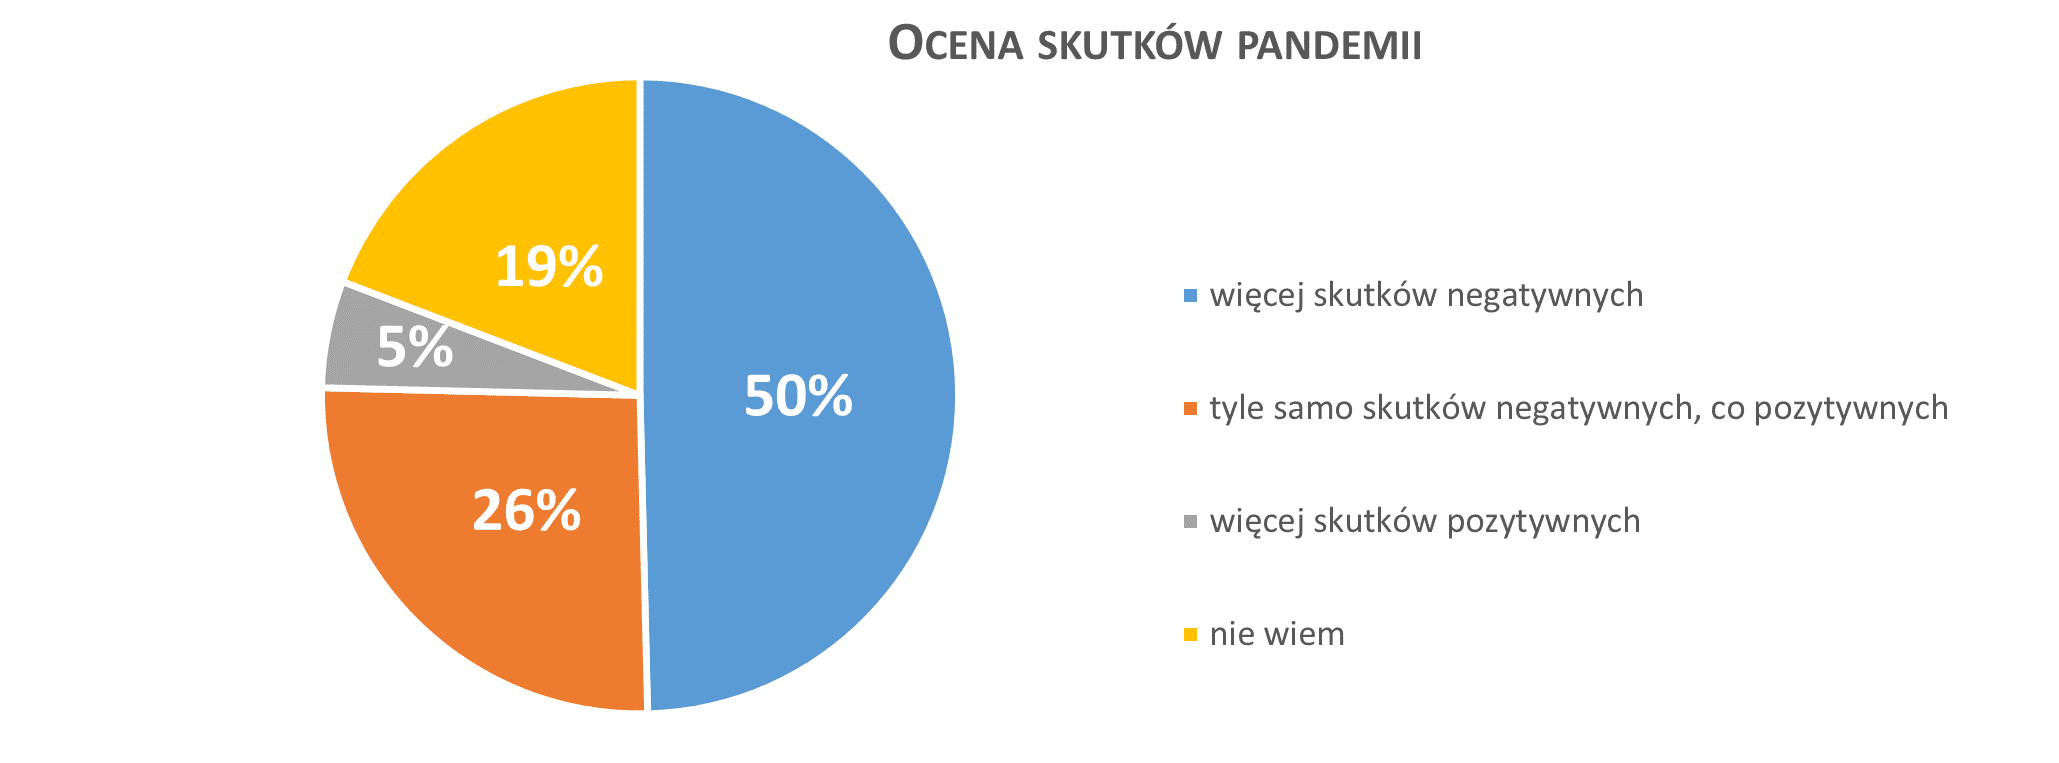 ocena skutków pandemii